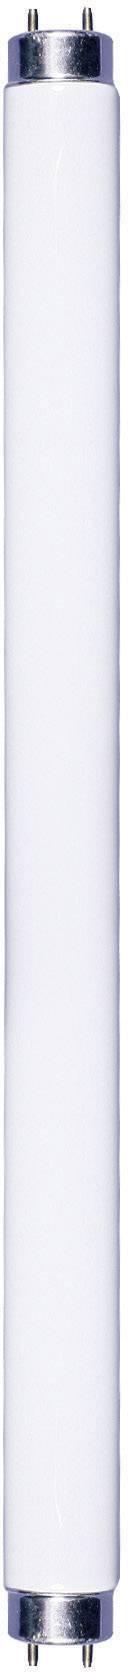 UV trubice T8, 10 W Swissinno TUBE_T8-10W